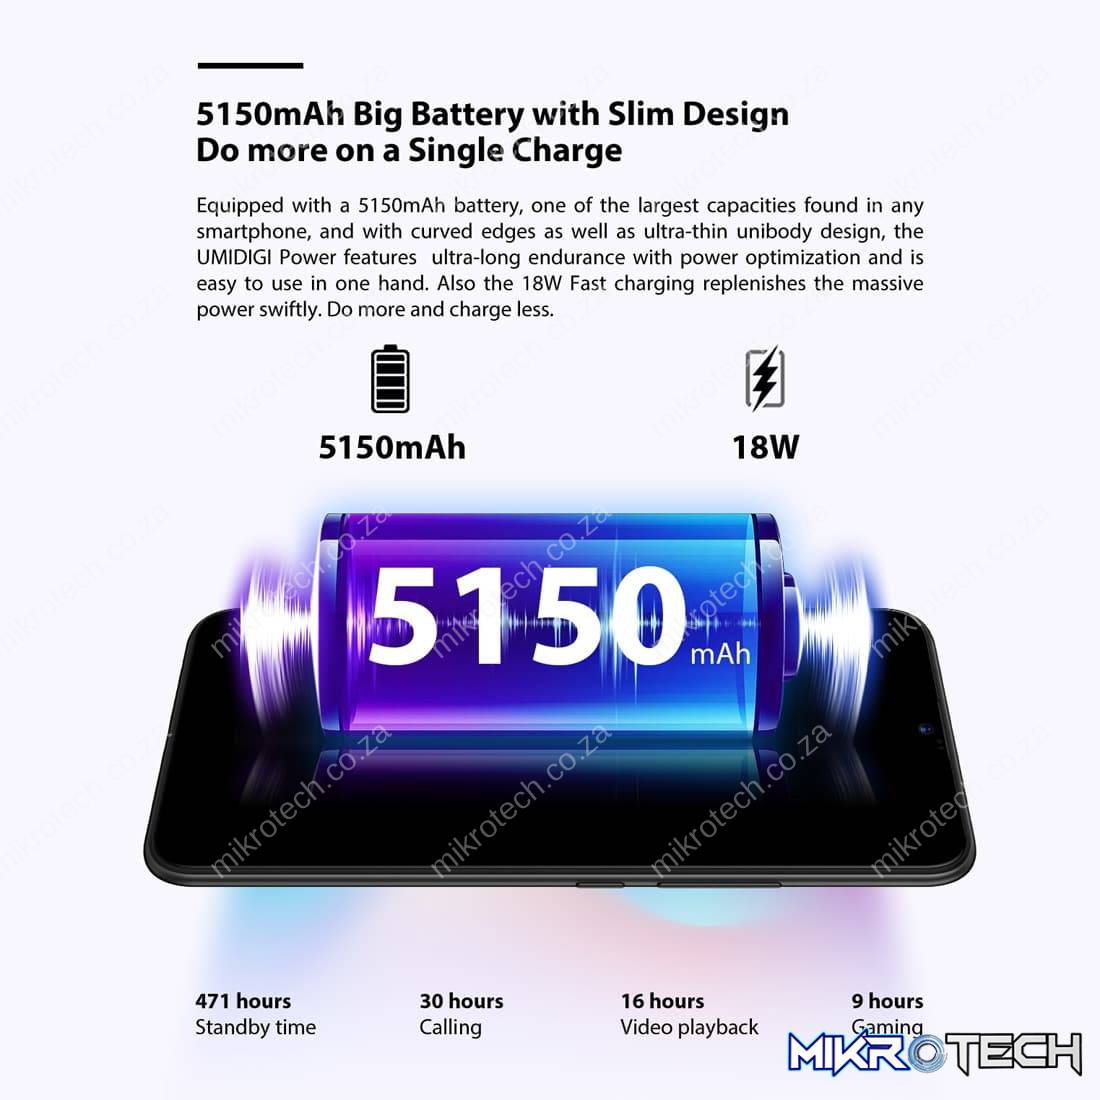 Umidigi Power Smartphone